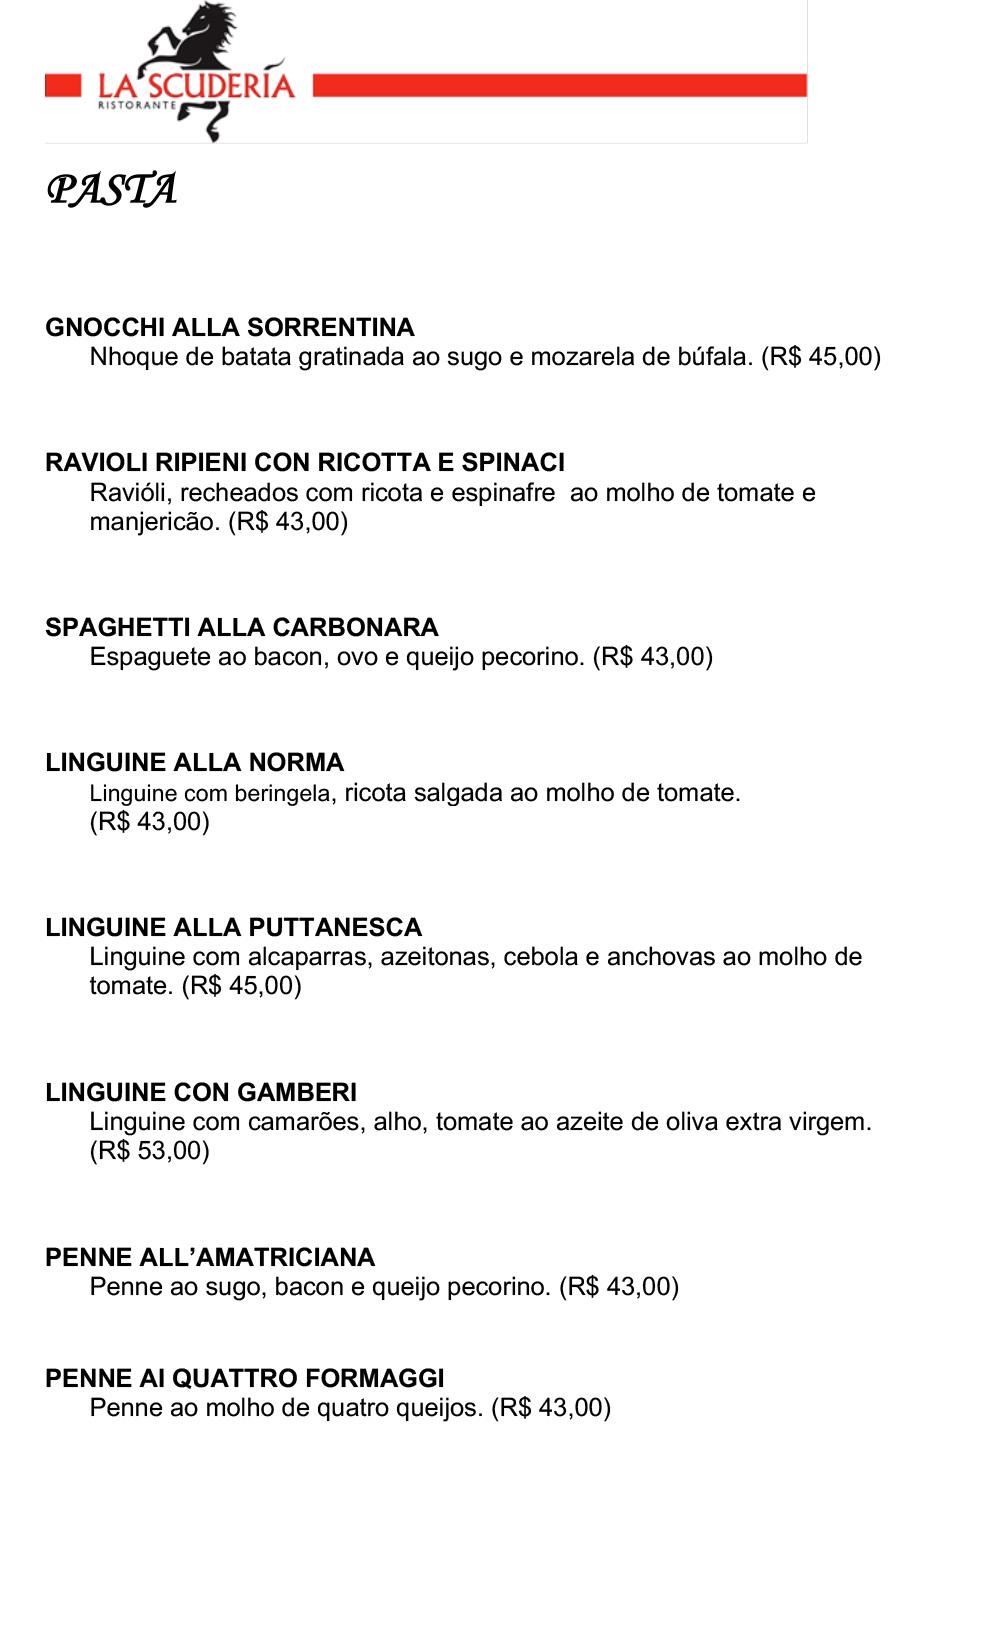 menu-lascuderia-3.jpg